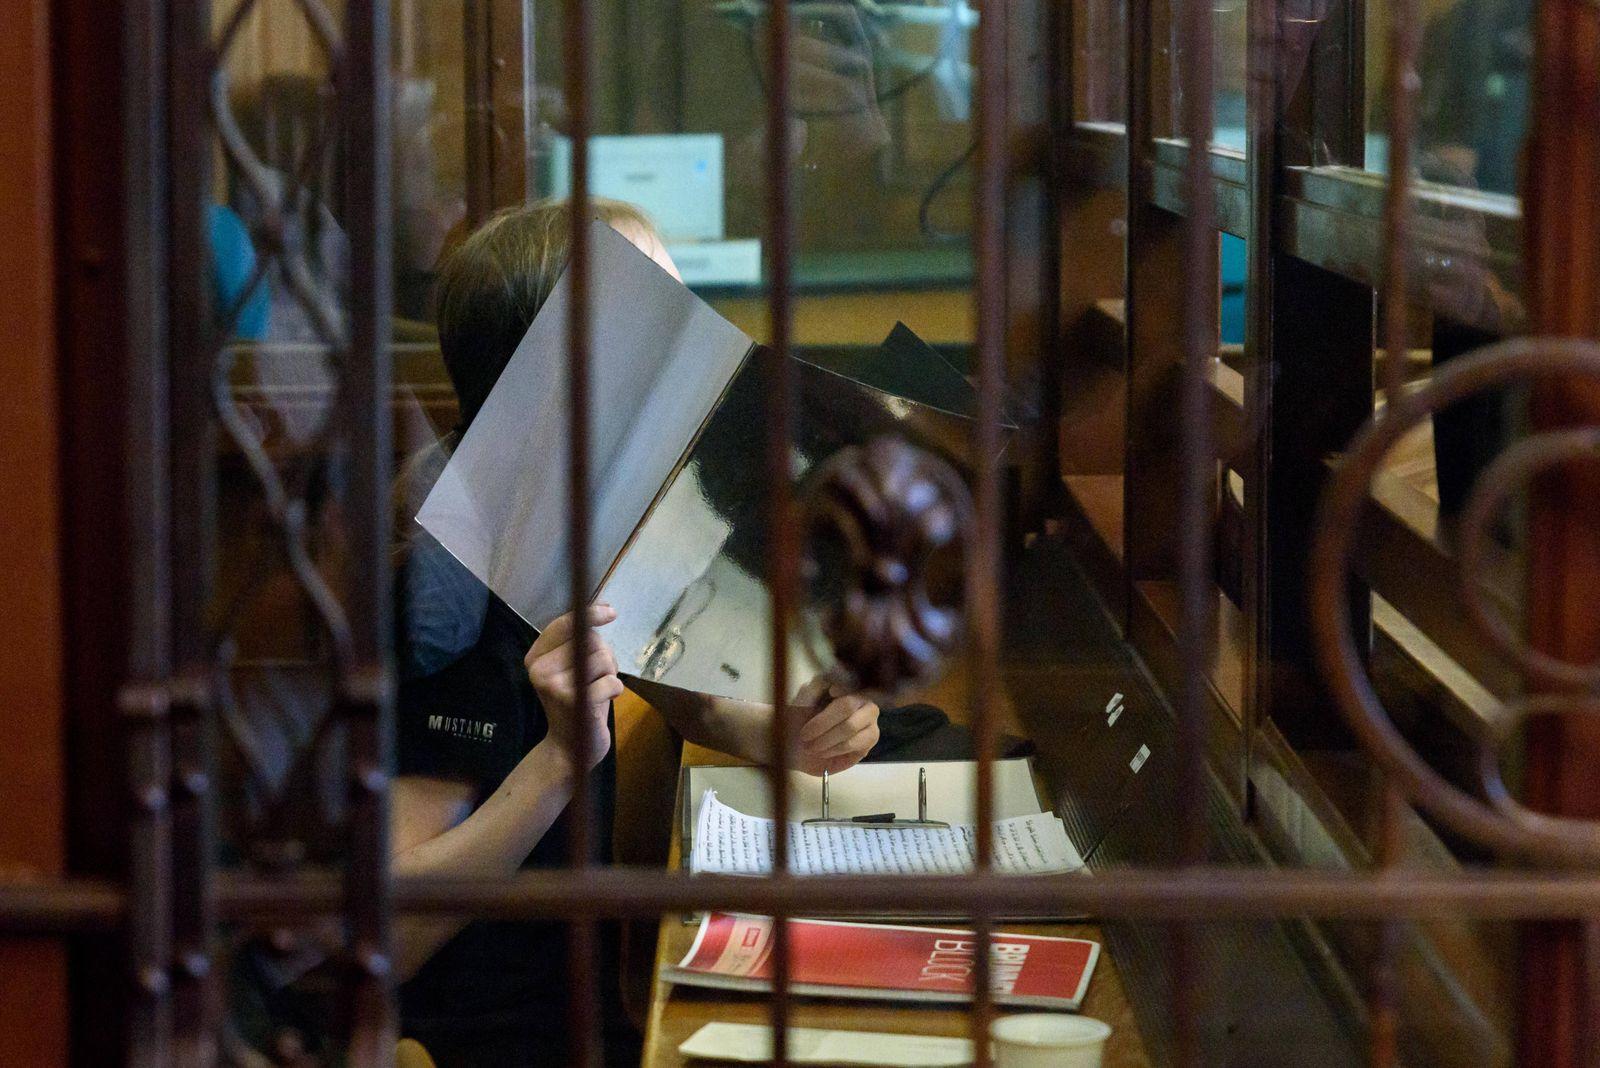 News Themen der Woche KW17 News Bilder des Tages Der Angeklagte Andre M.zum Prozessauftakt wegen rechtsextremer Drohmail